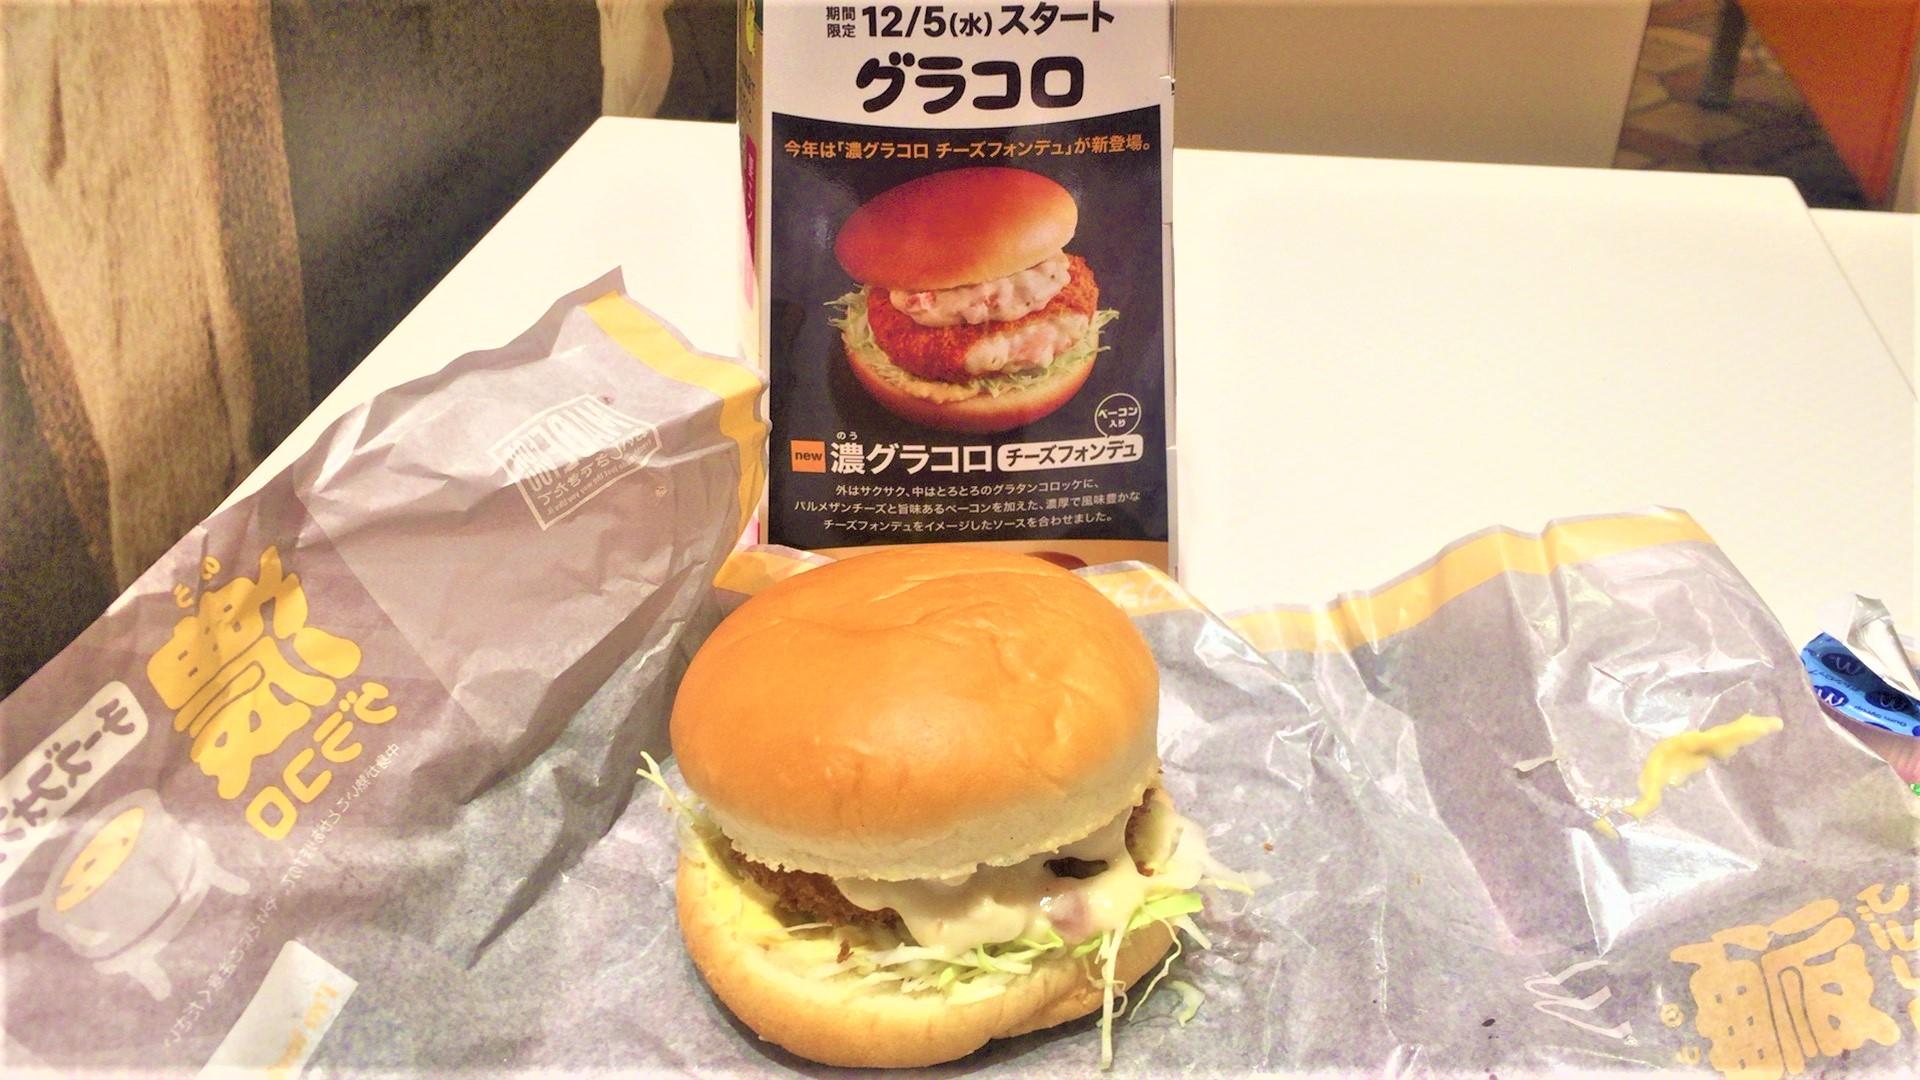 濃グラコロ  チーズフォンデュを食べてみた【感想・口コミは?】